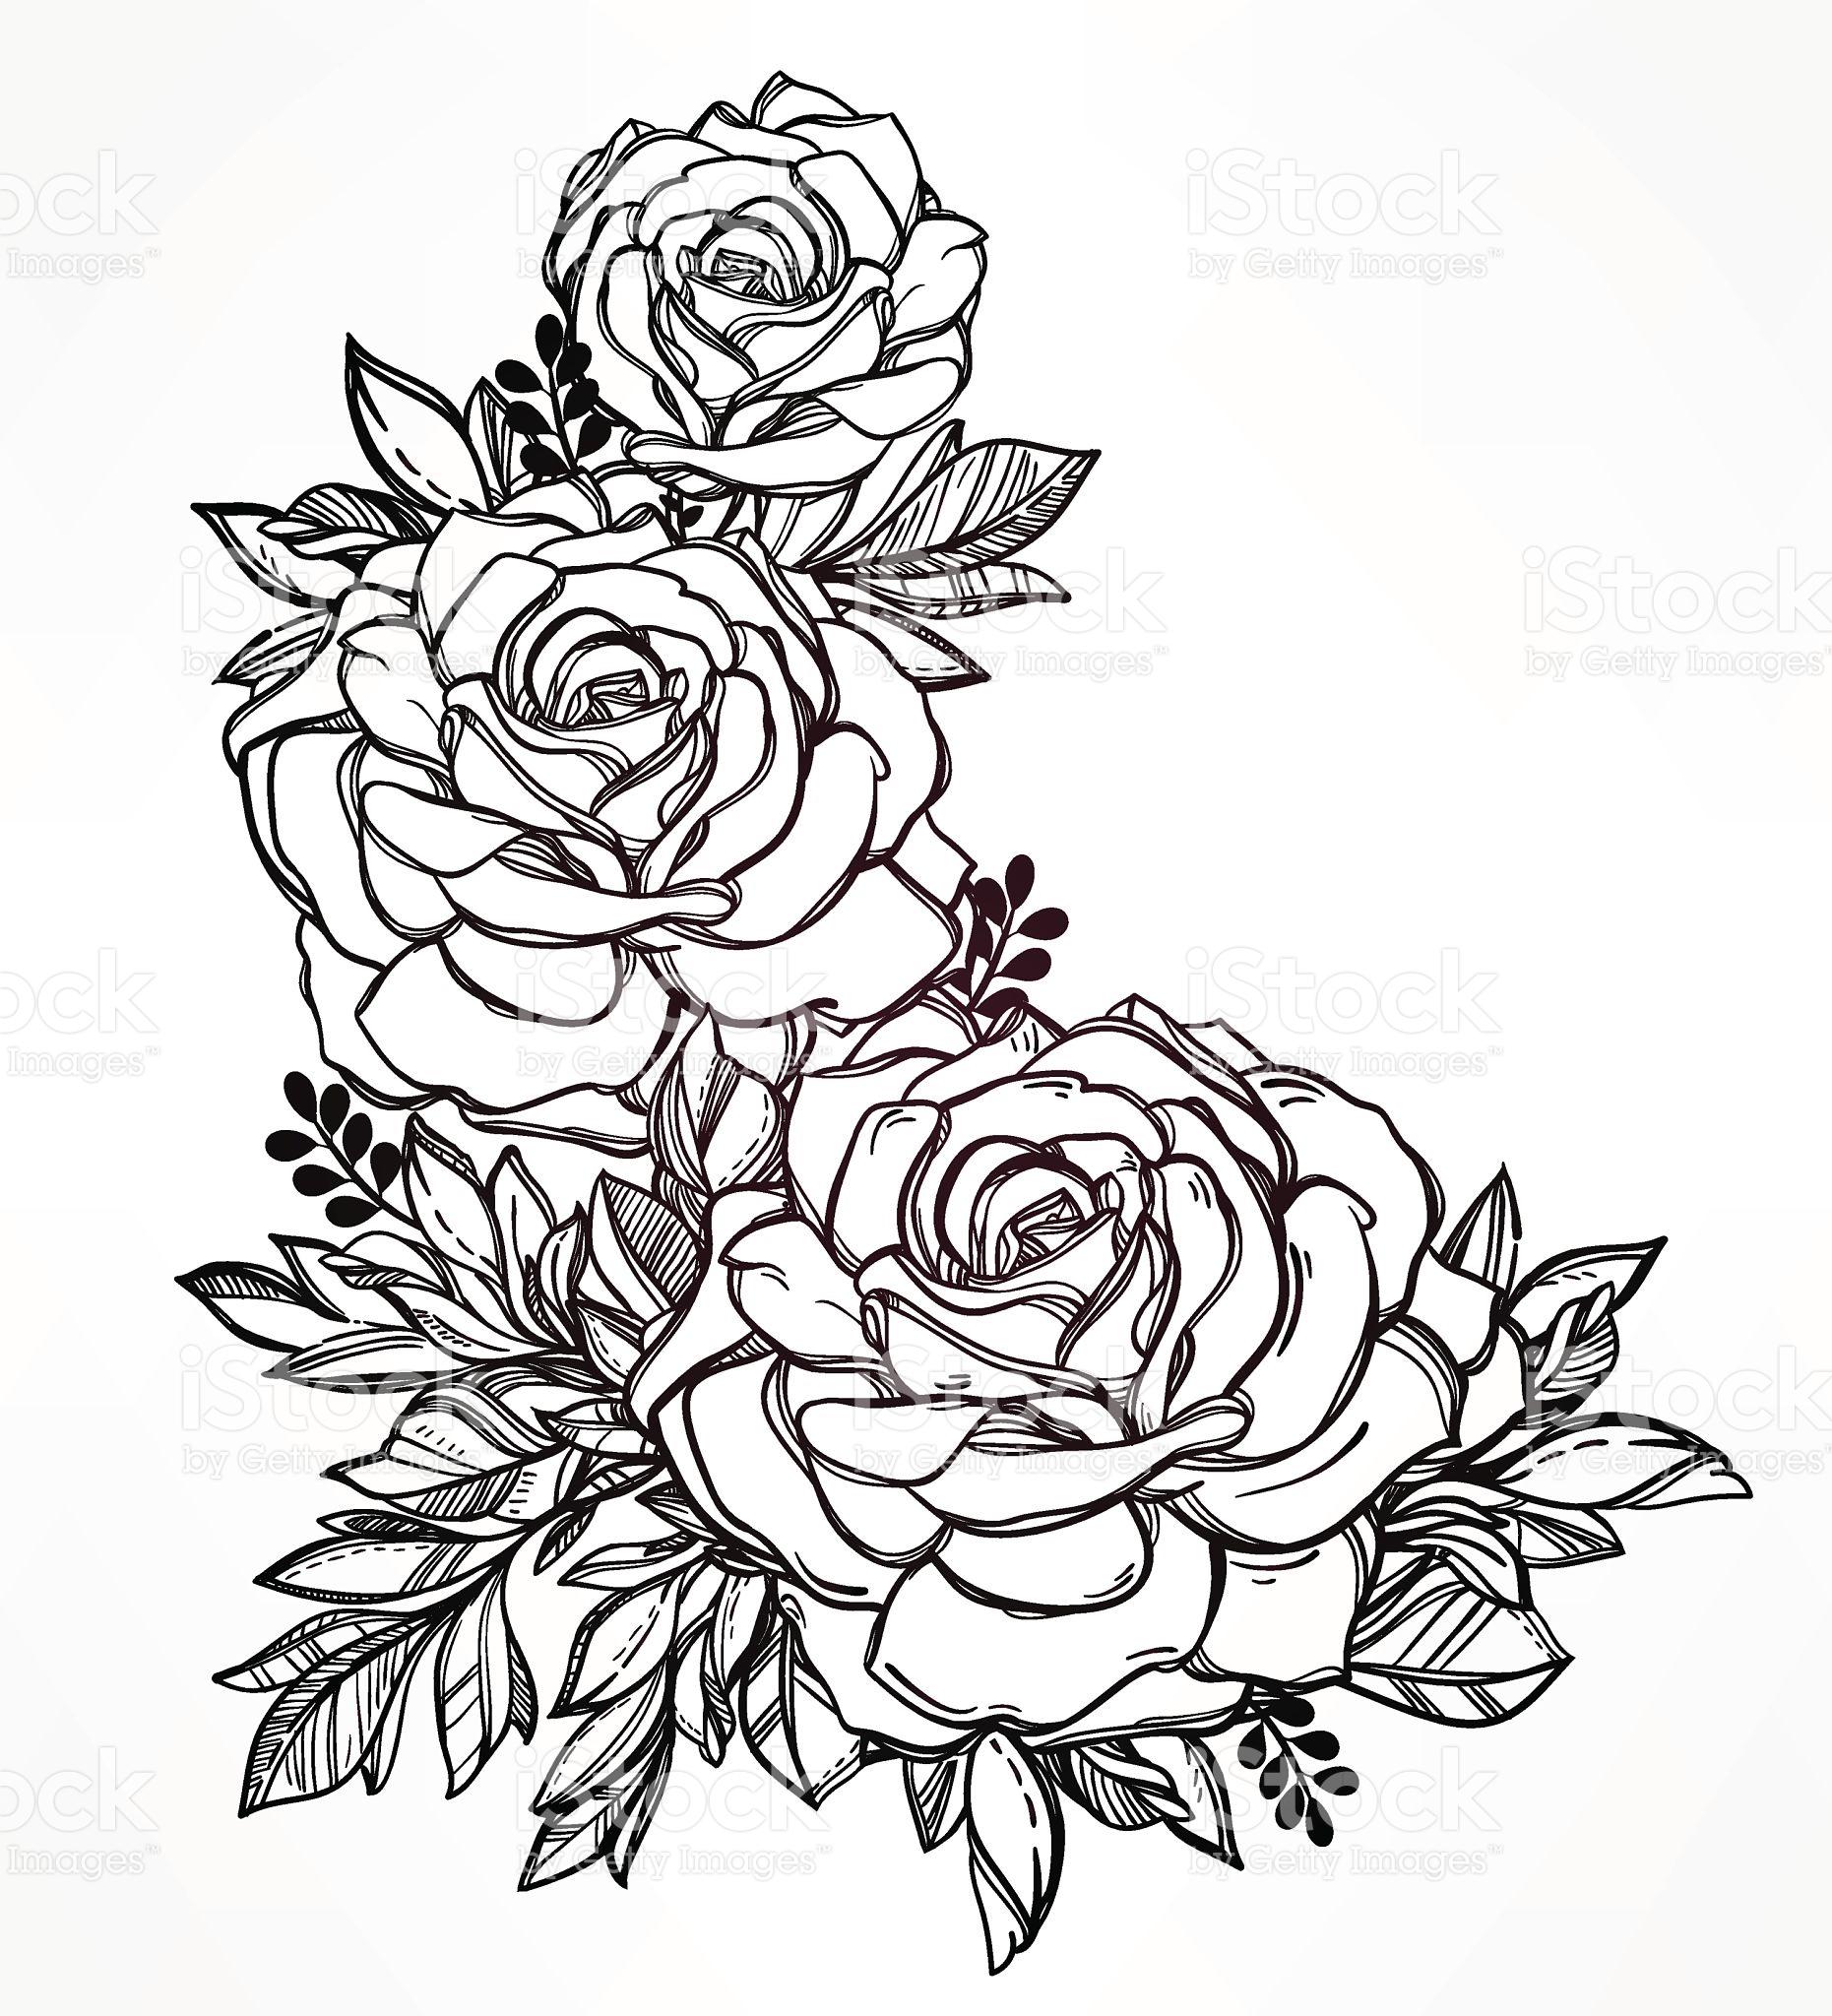 1861x2048 Vintage Floral Highly Detailed Hand Drawn Rose Flower Stem